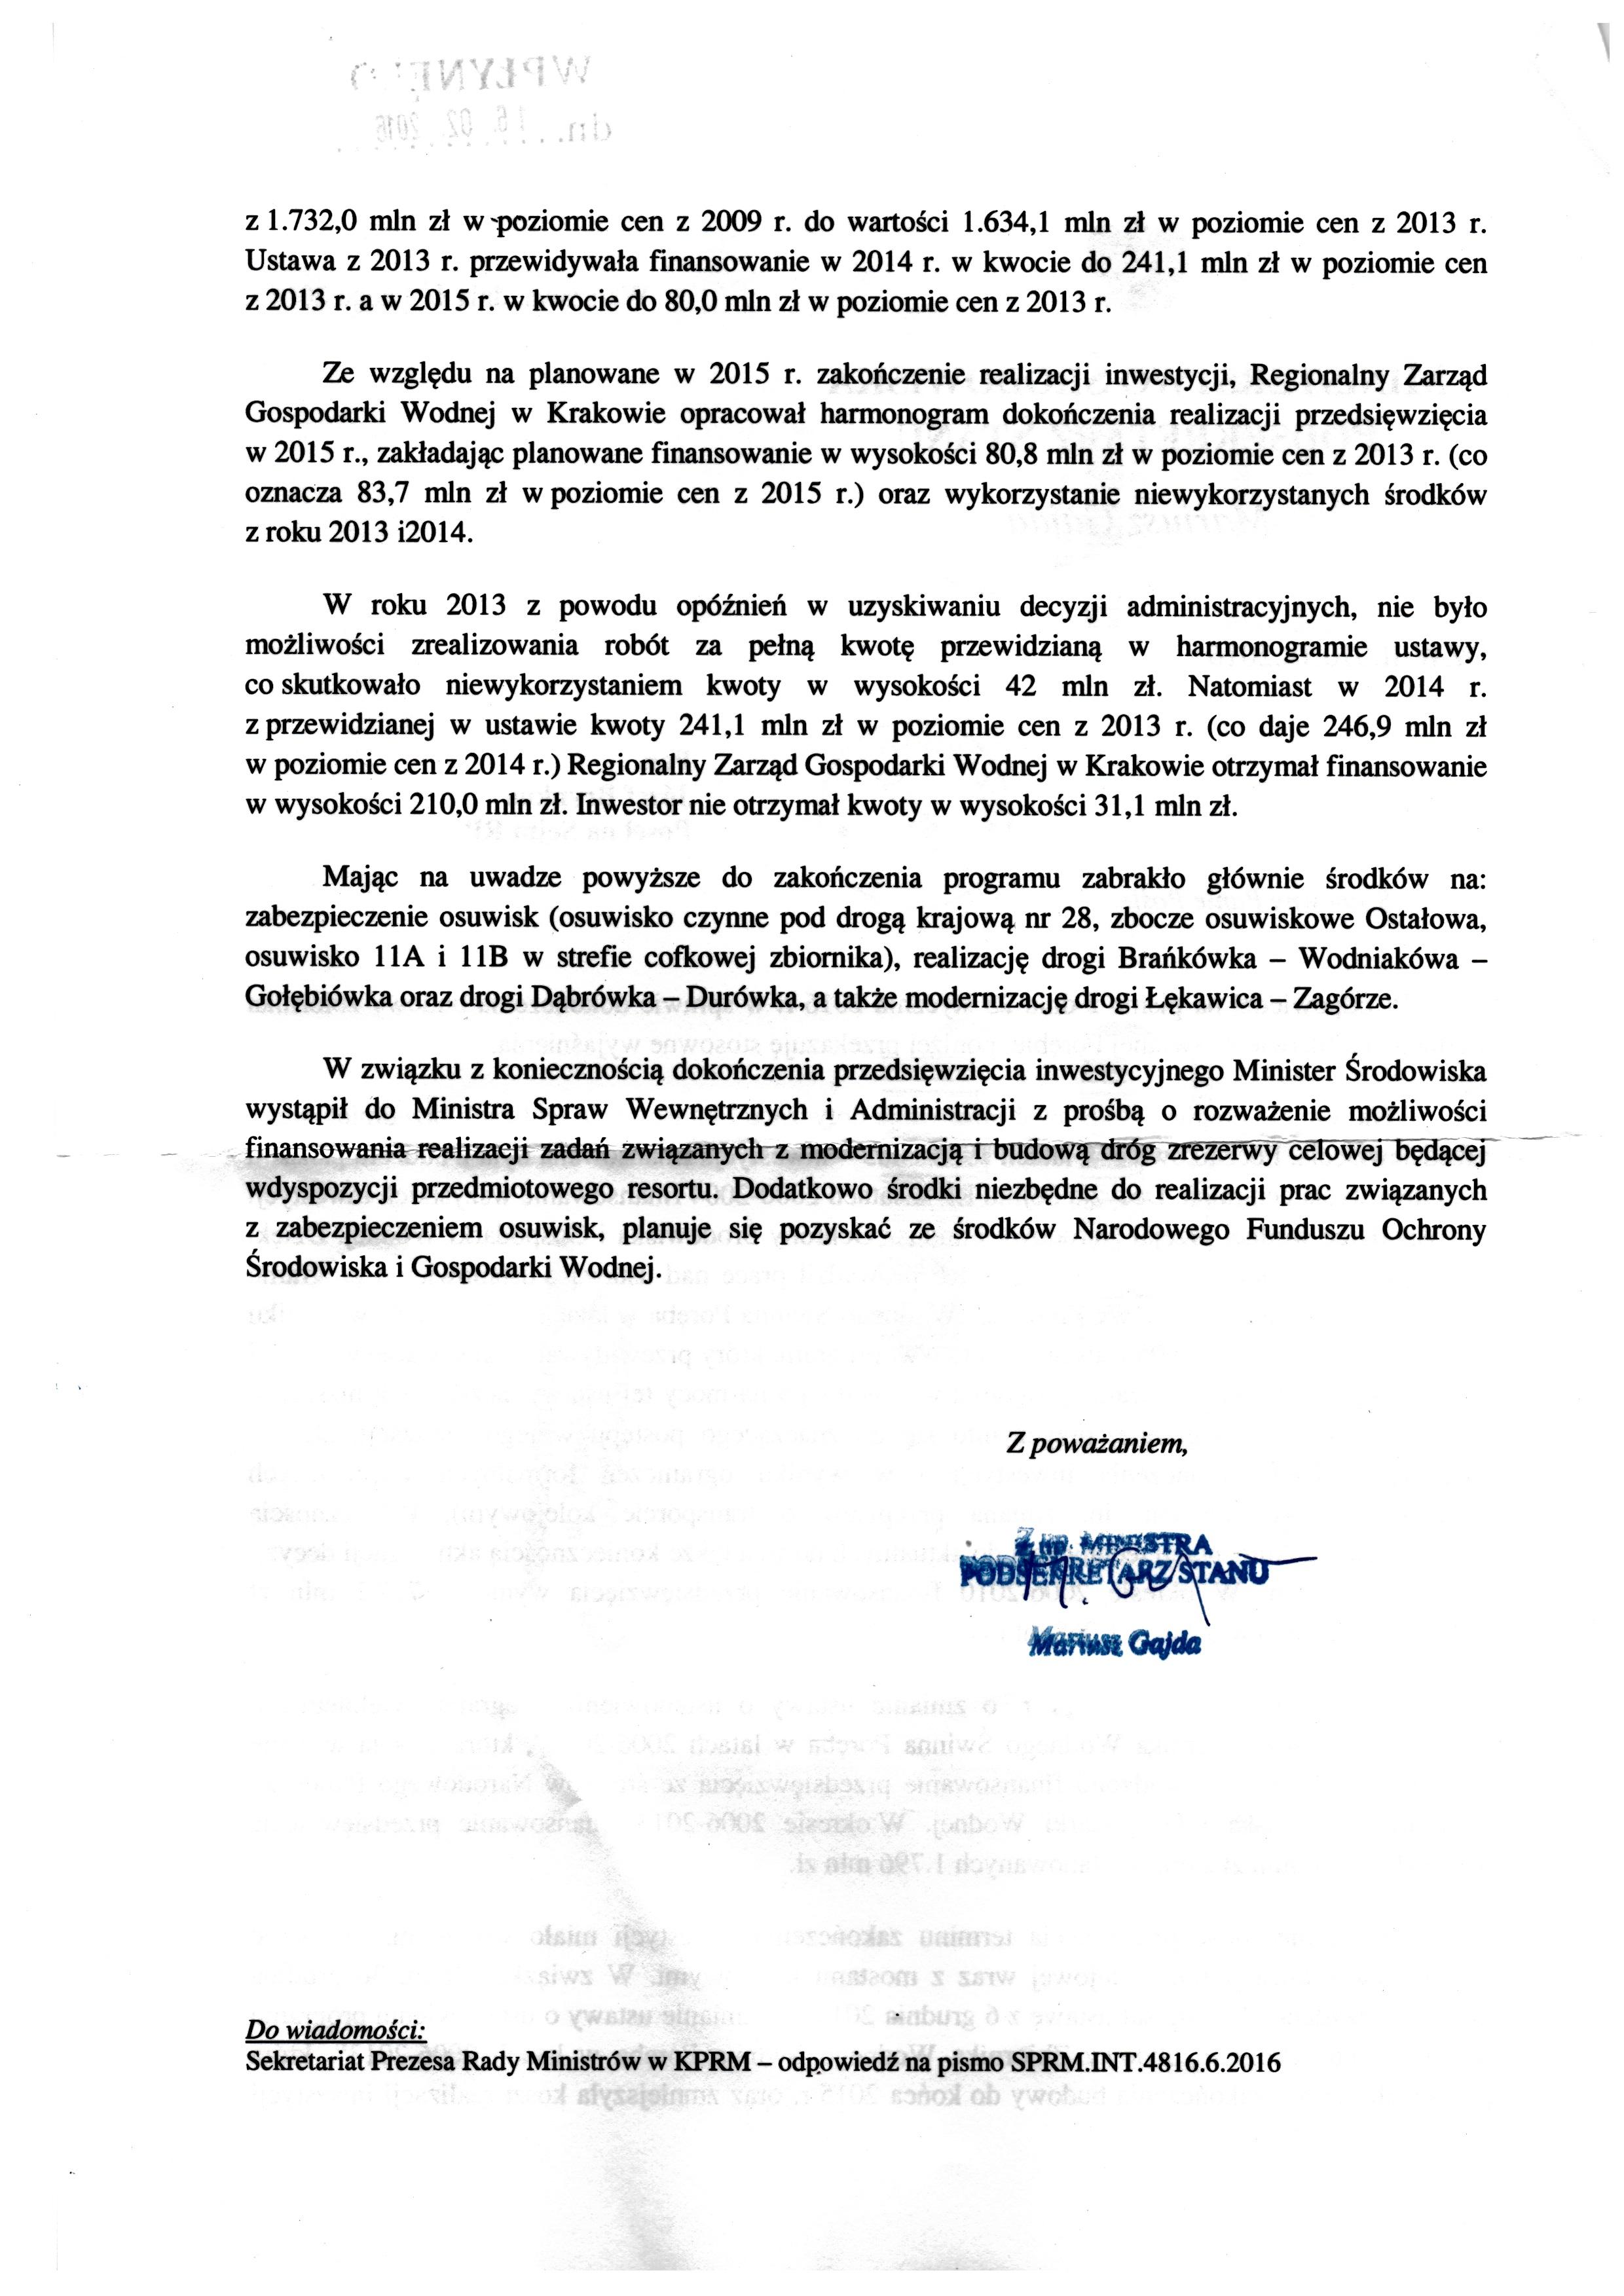 Zbiornik wodny - pismo zMinisterstwa Ochrony Środowiska ws środków nadkończenie budowy Jeziora Mucharskiego str. 2